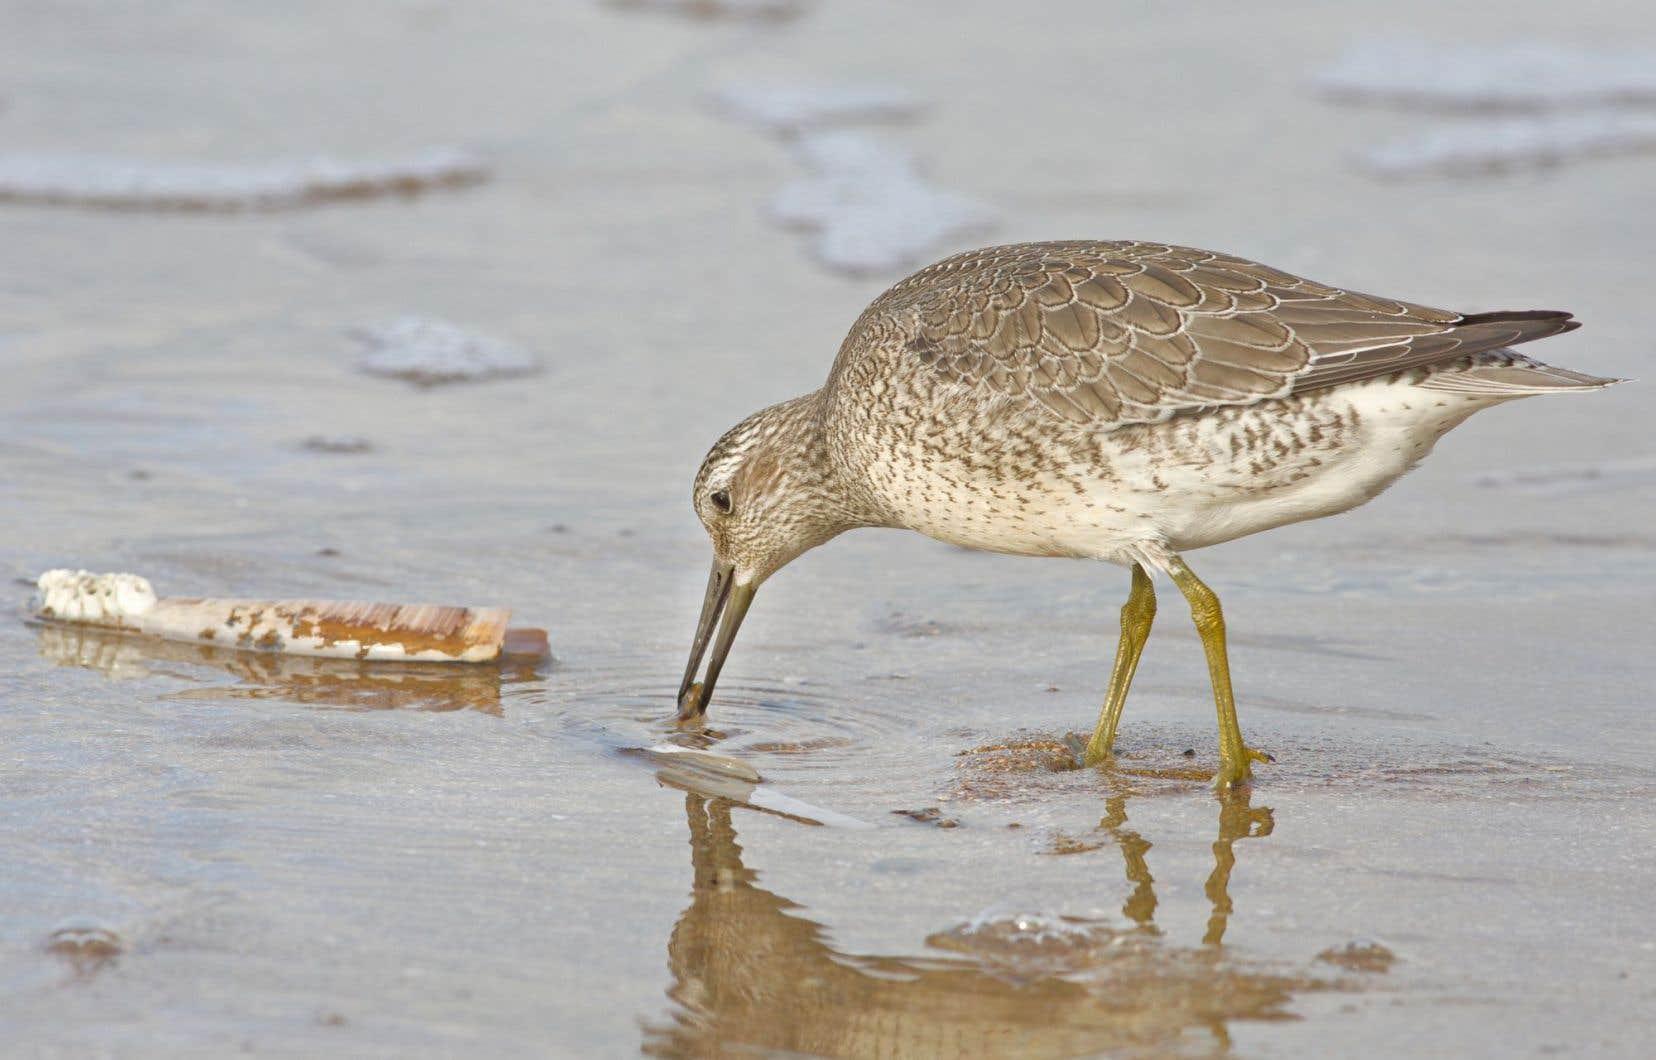 Plus de 18 000 oiseaux nichent au printemps sur des îles situées à moins de 15 km du site prévu pour le port d'exportation pétrolière.